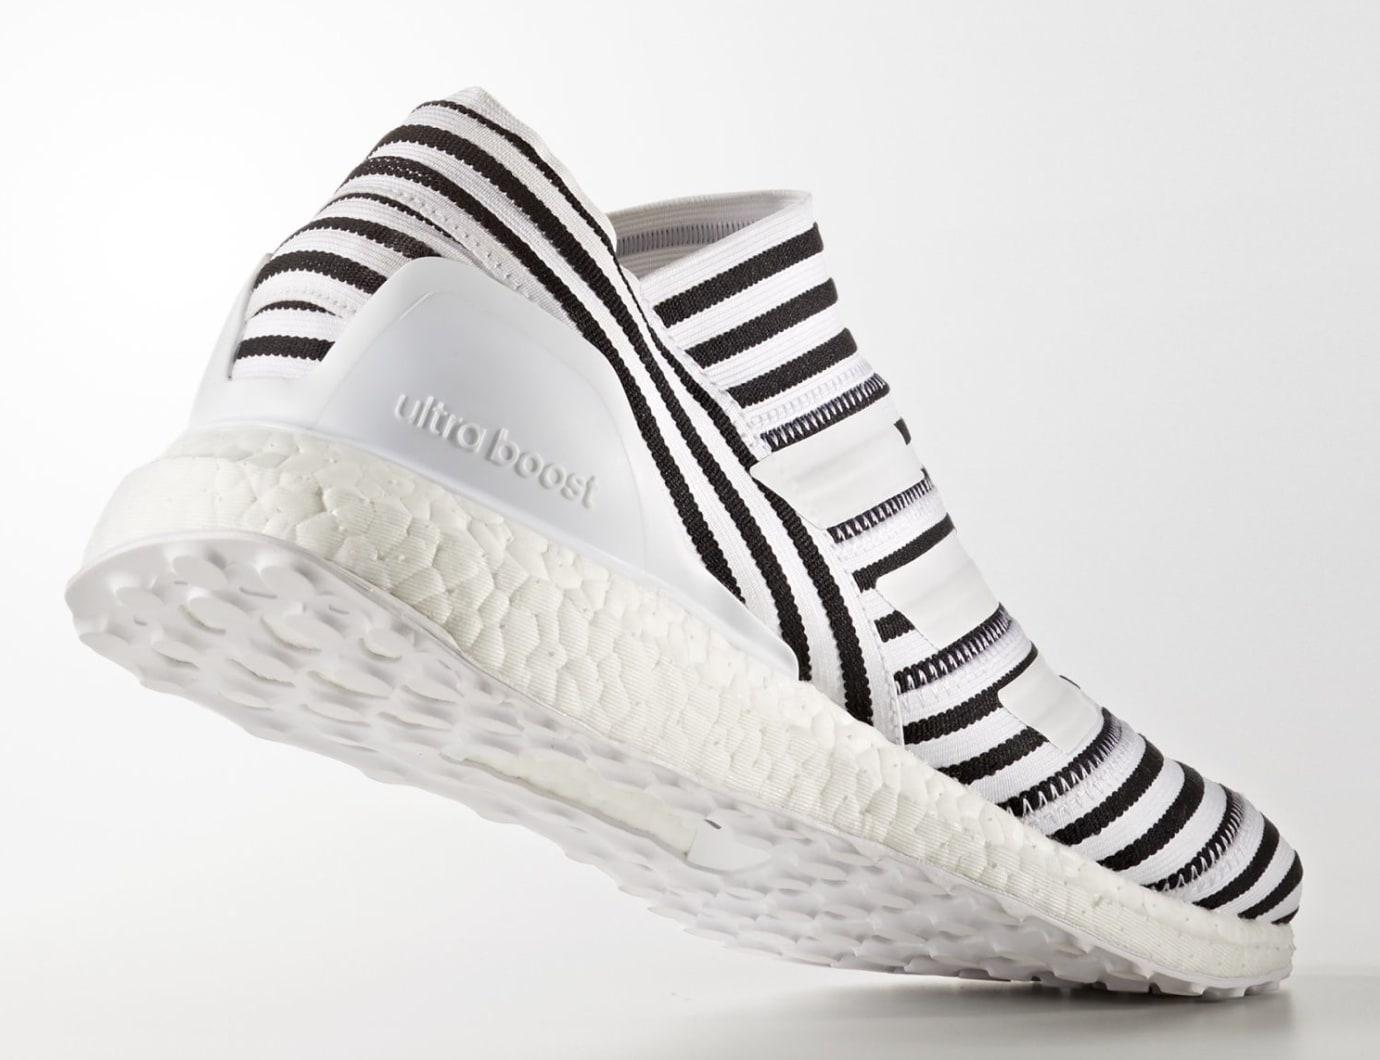 Adidas Nemeziz Tango 17+ 360 Agility 'Running White/Running White/Core Black' (Side Heel)